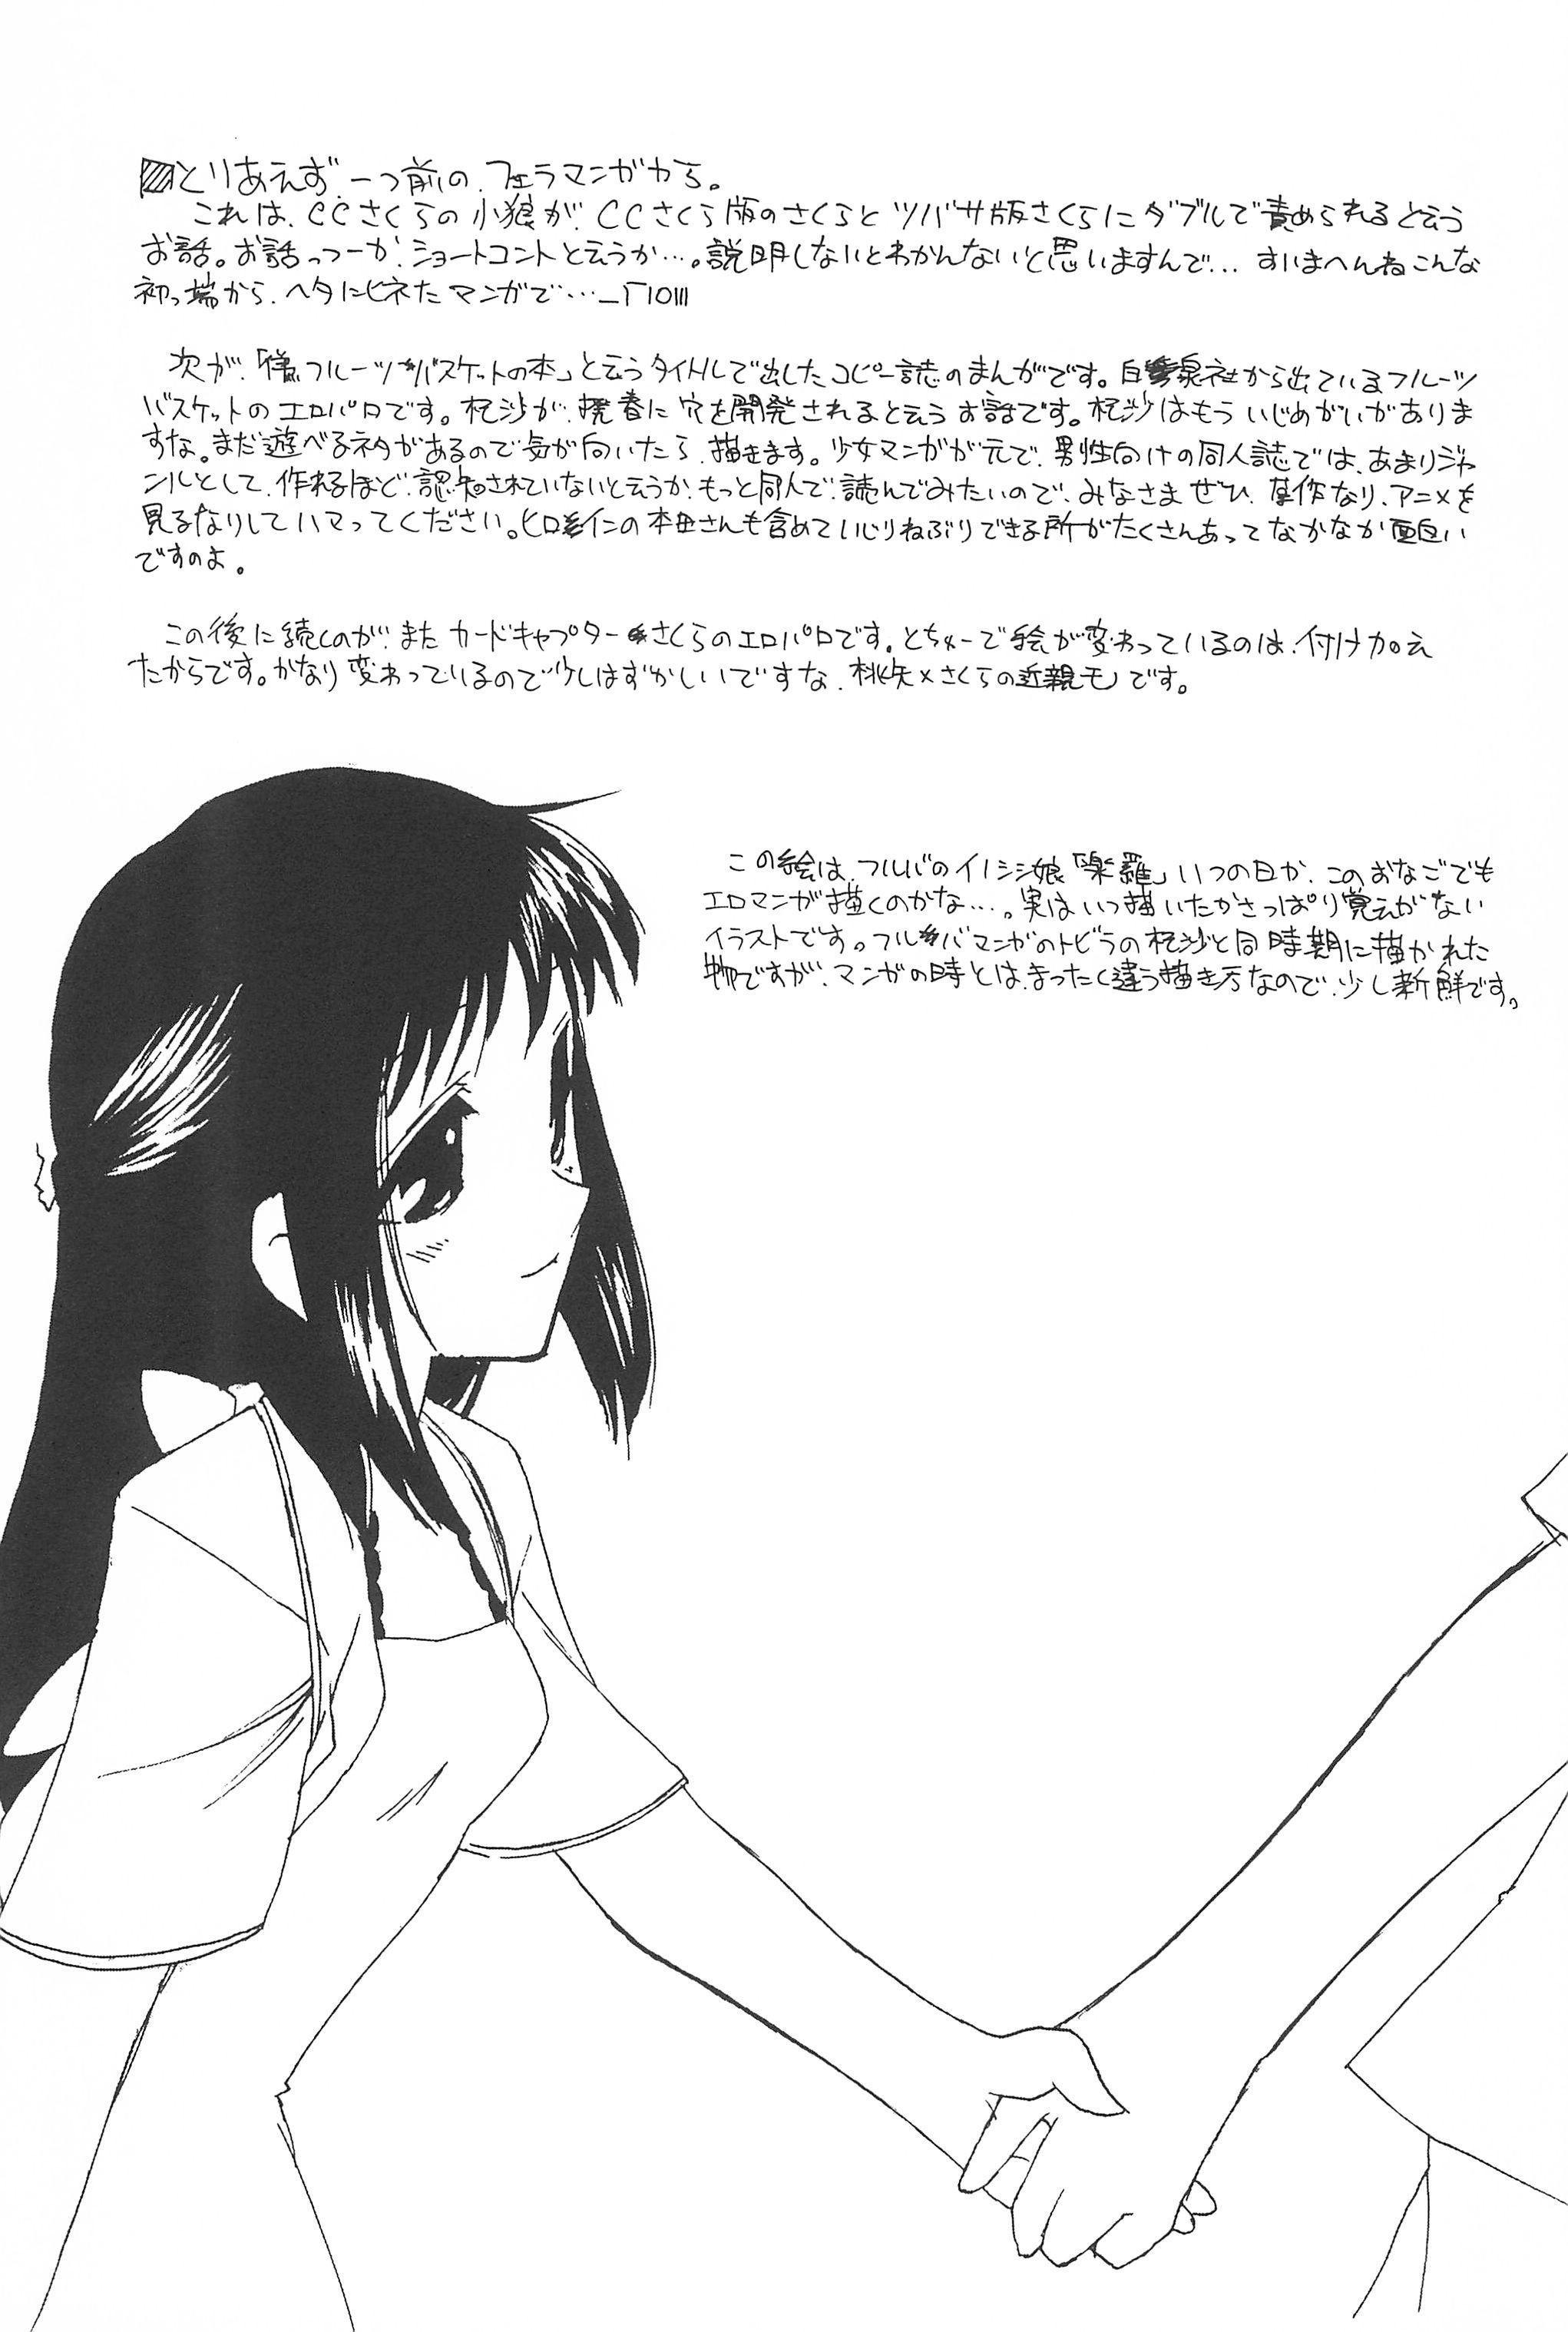 (SC22) [Shinobi no Yakata (Iwama Yoshiki) JEWEL-BOX 10 LOLITA-SARAD (Various) 20